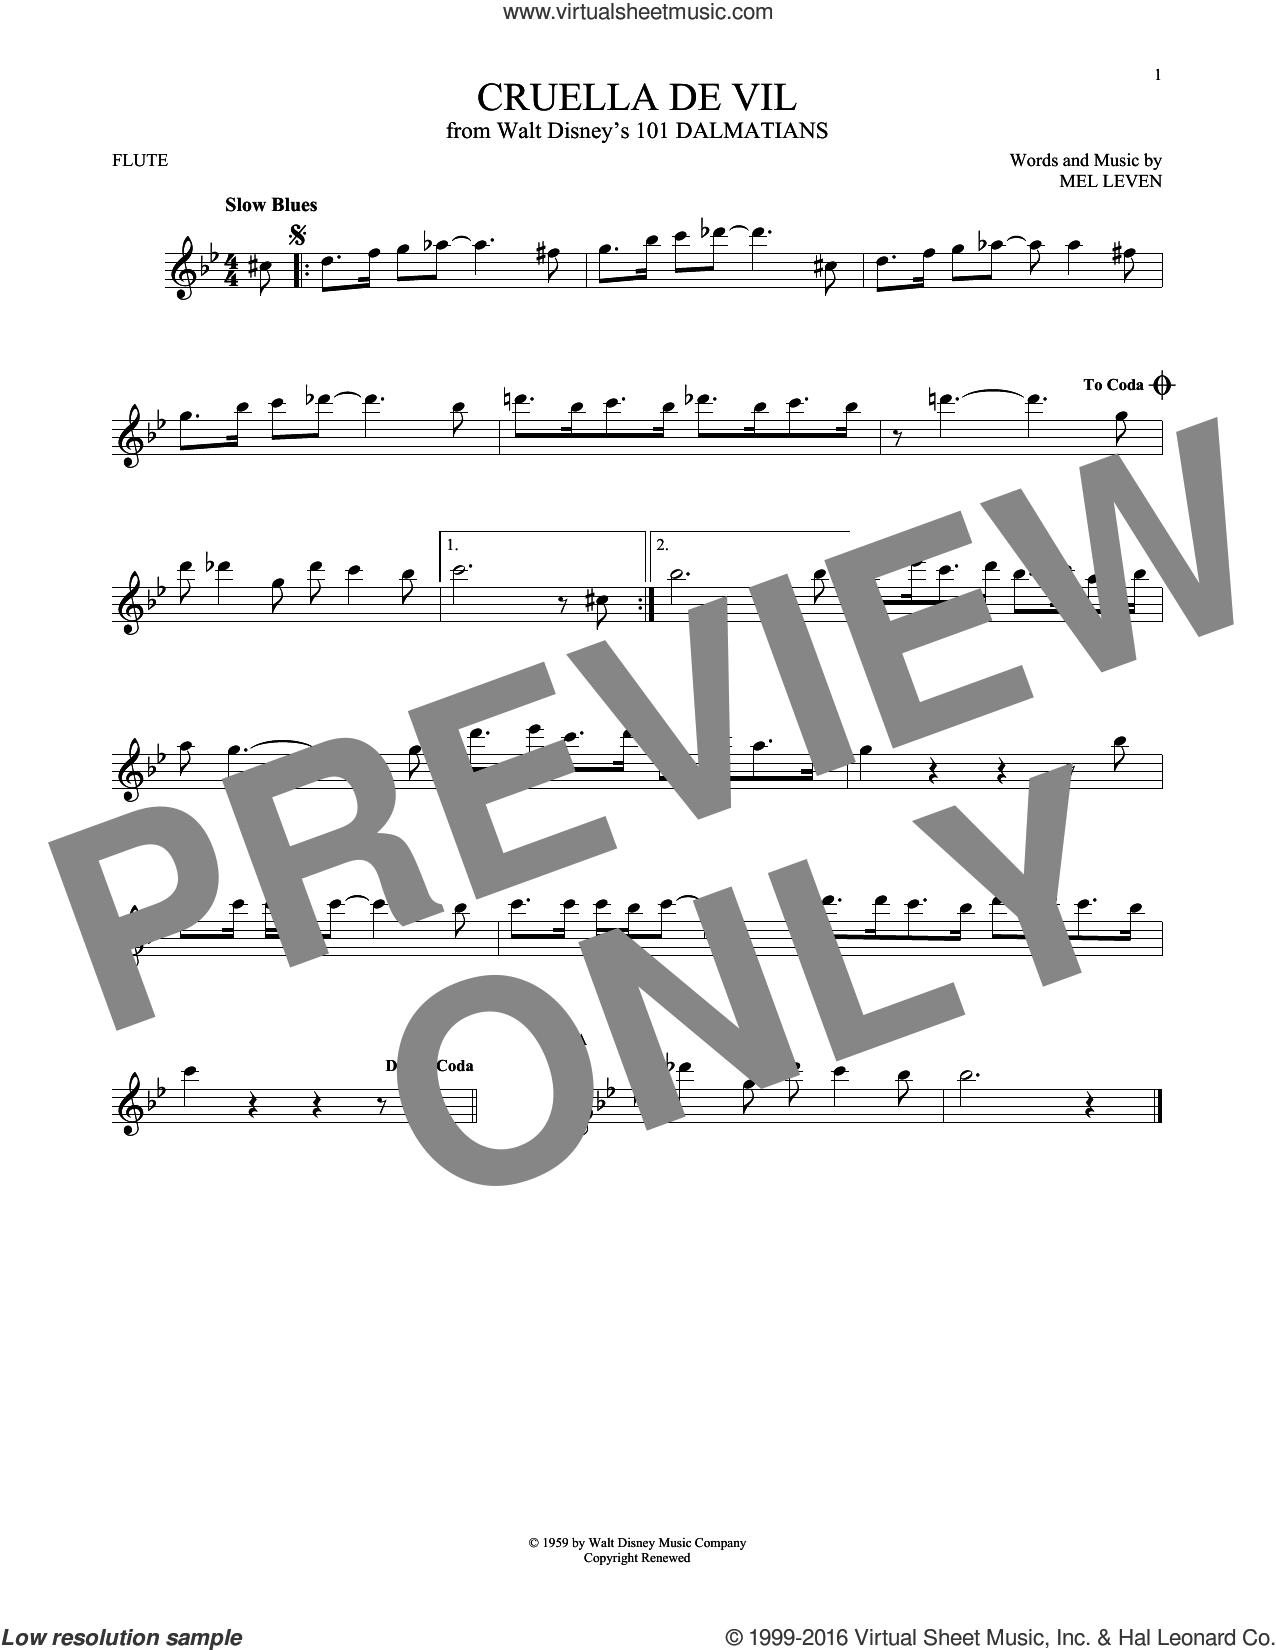 Cruella De Vil sheet music for flute solo by Mel Leven, intermediate skill level